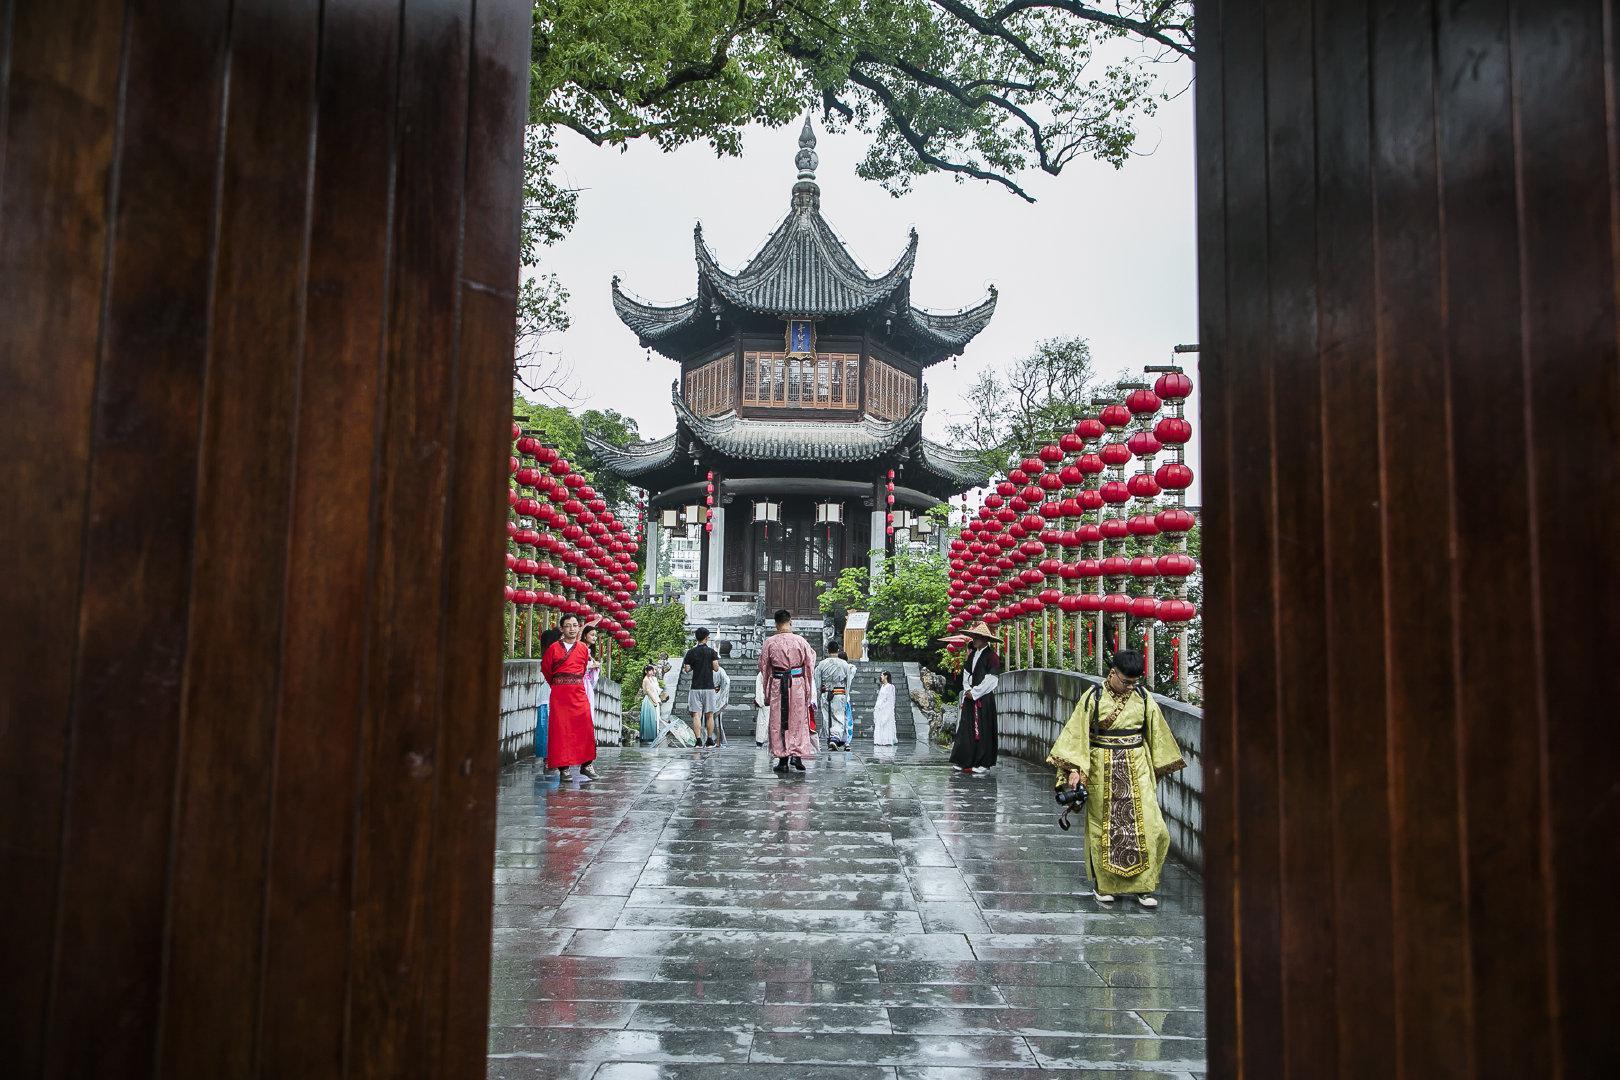 中国唯一穿汉服才能进的园林 游客打招呼以古语相称